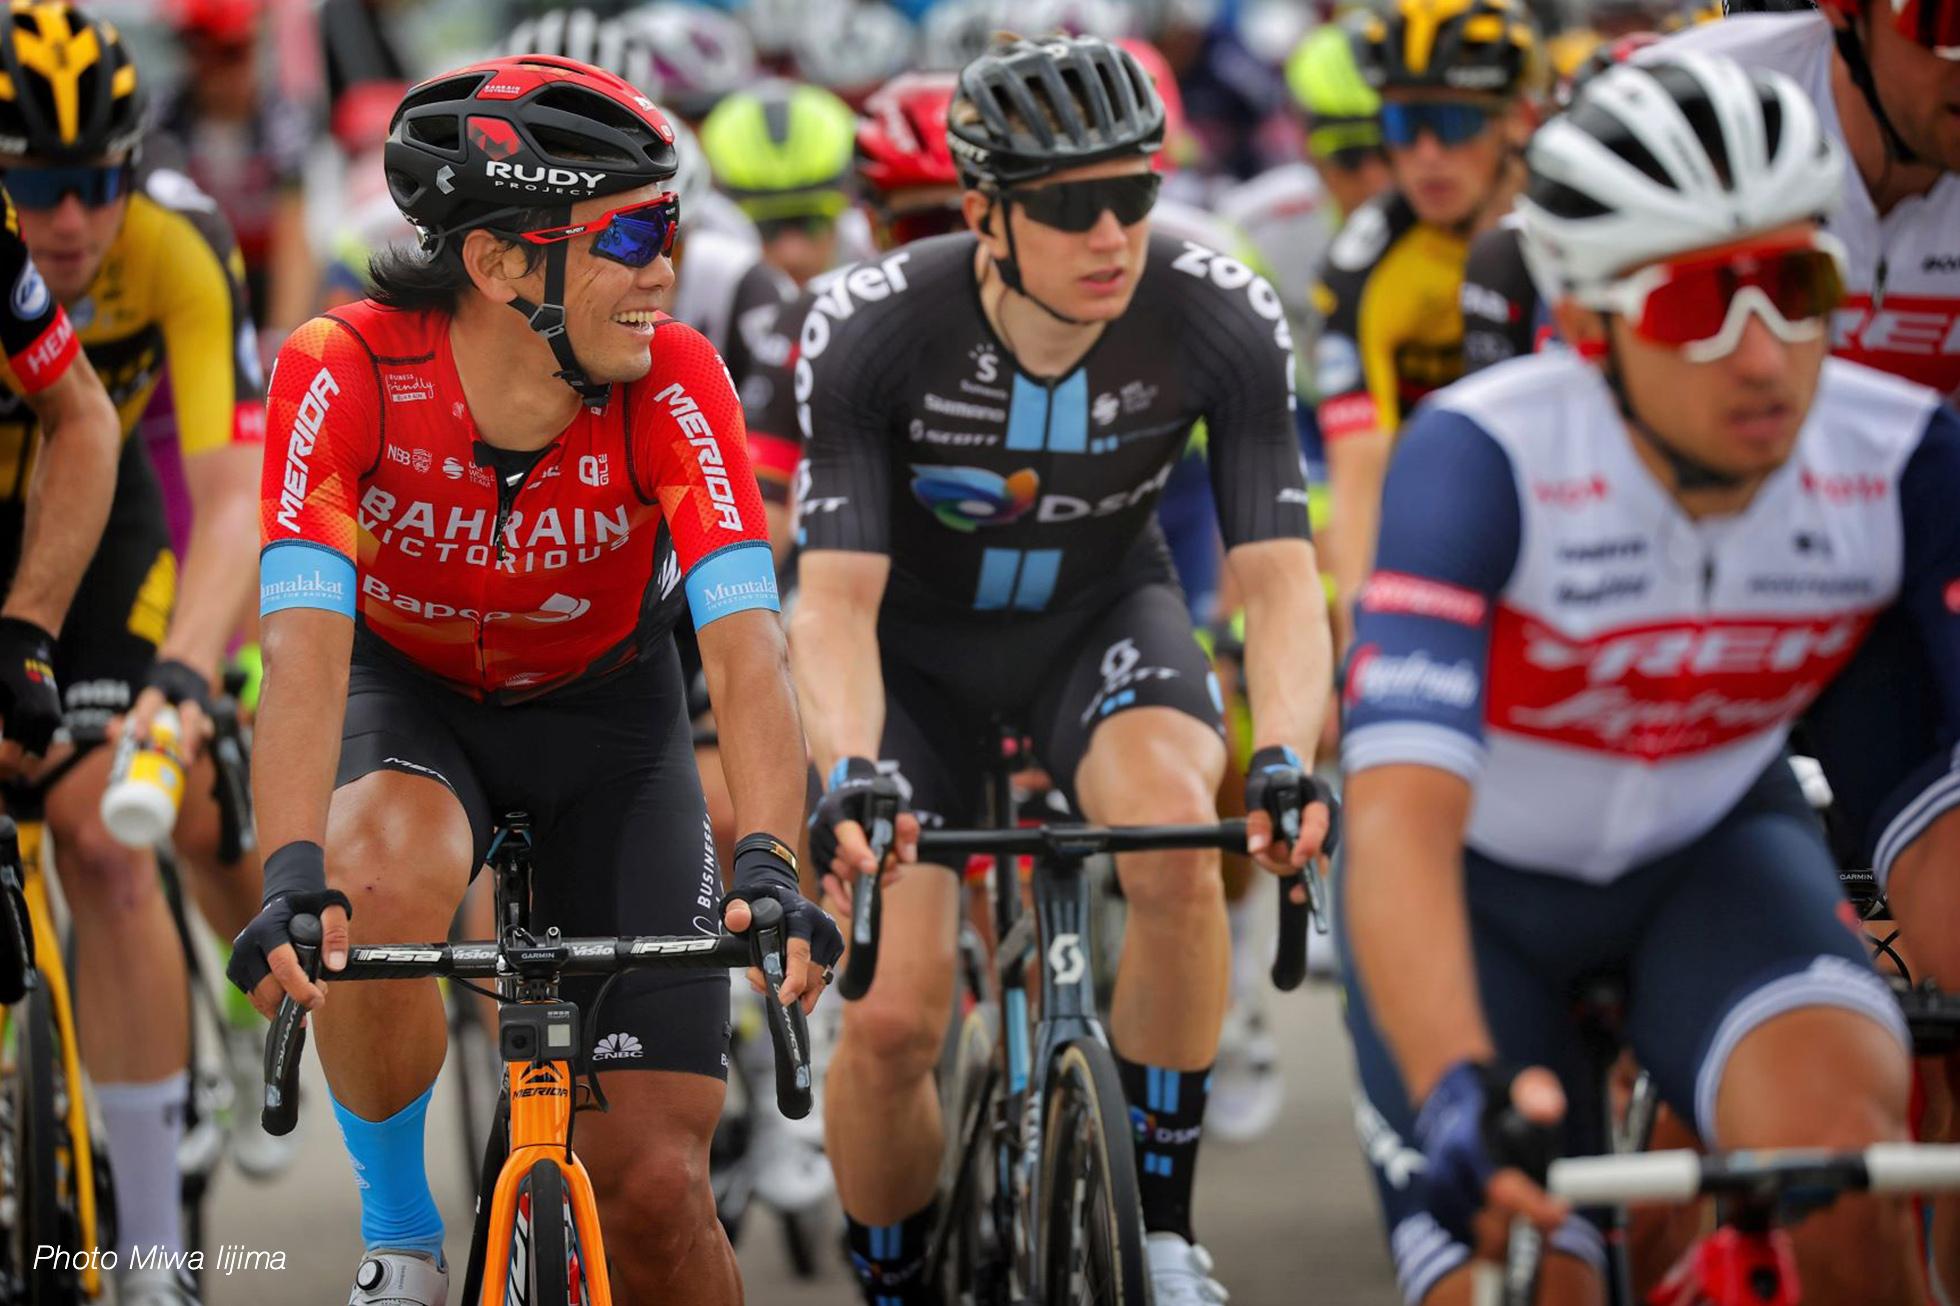 104回 ジロ・デ・イタリア 新城幸也 ユキヤ通信 Stage 8